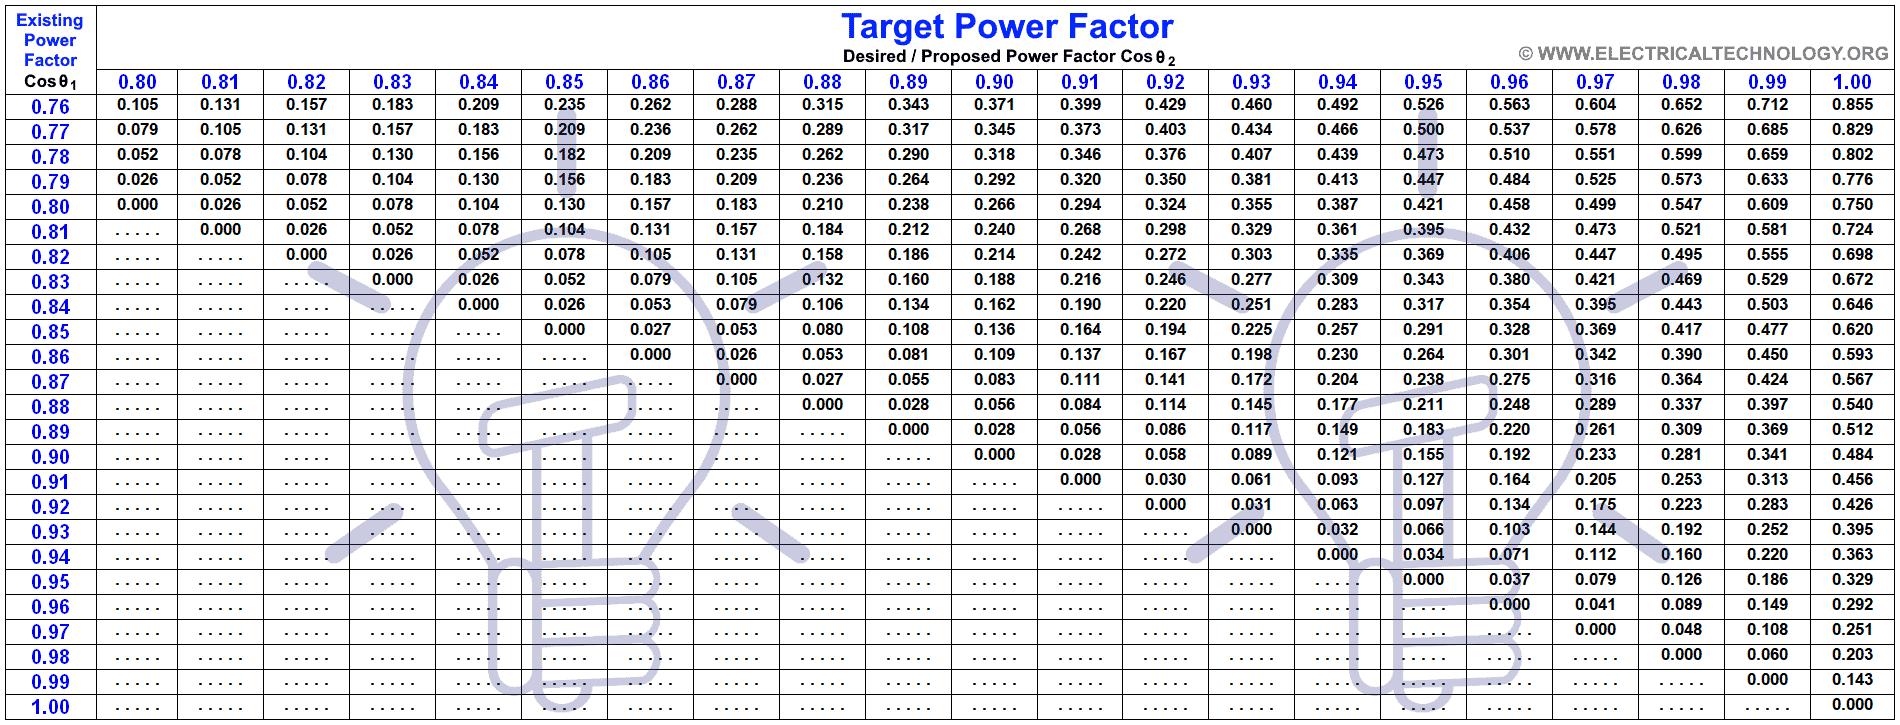 Power Factor Correction Table